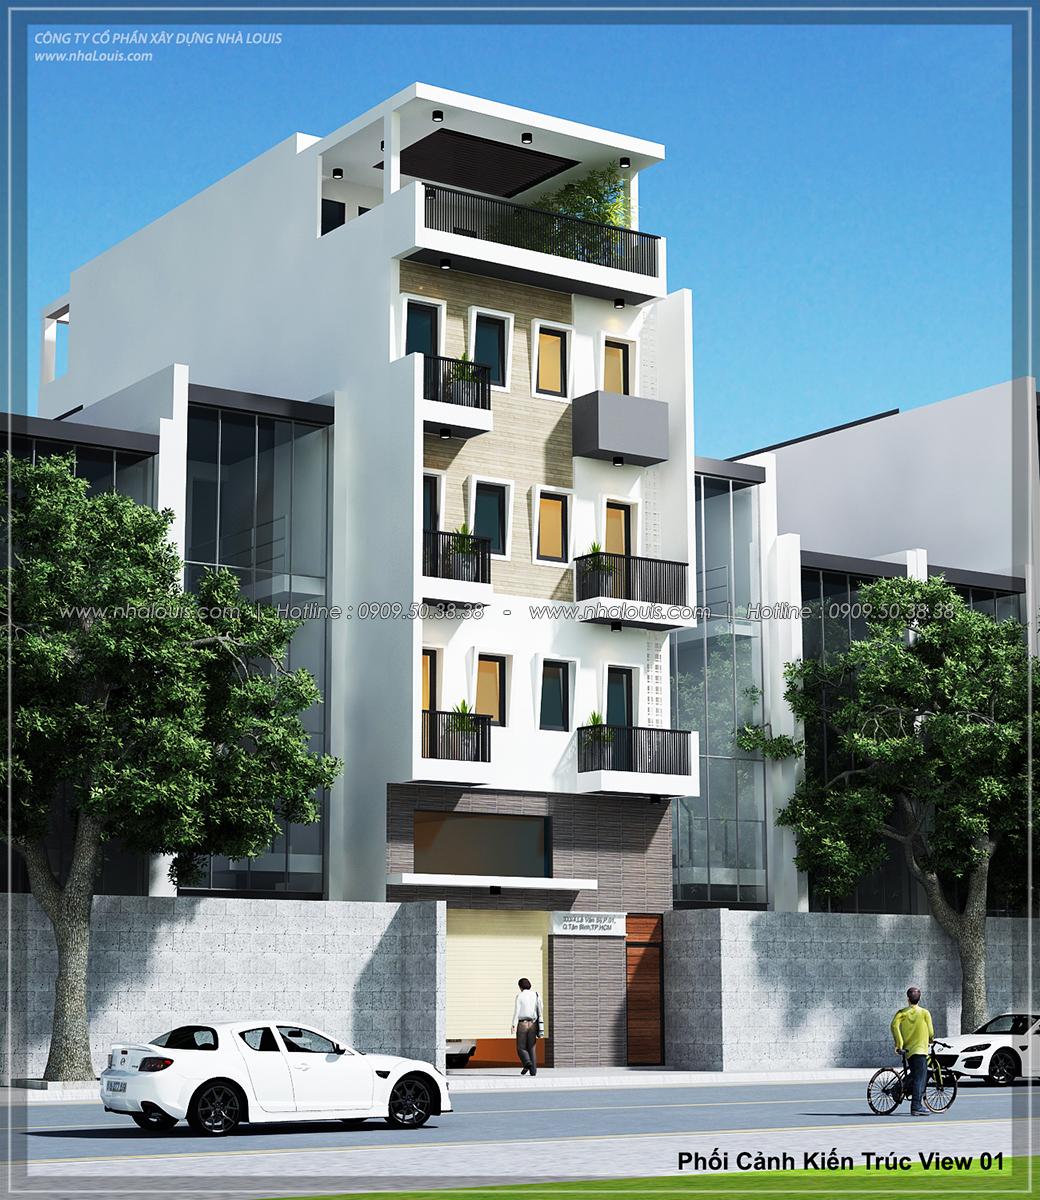 Thiết kế nhà trọ cho thuê cao cấp tiết kiệm chi phí và hiệu quả tại Tân Bình - 01